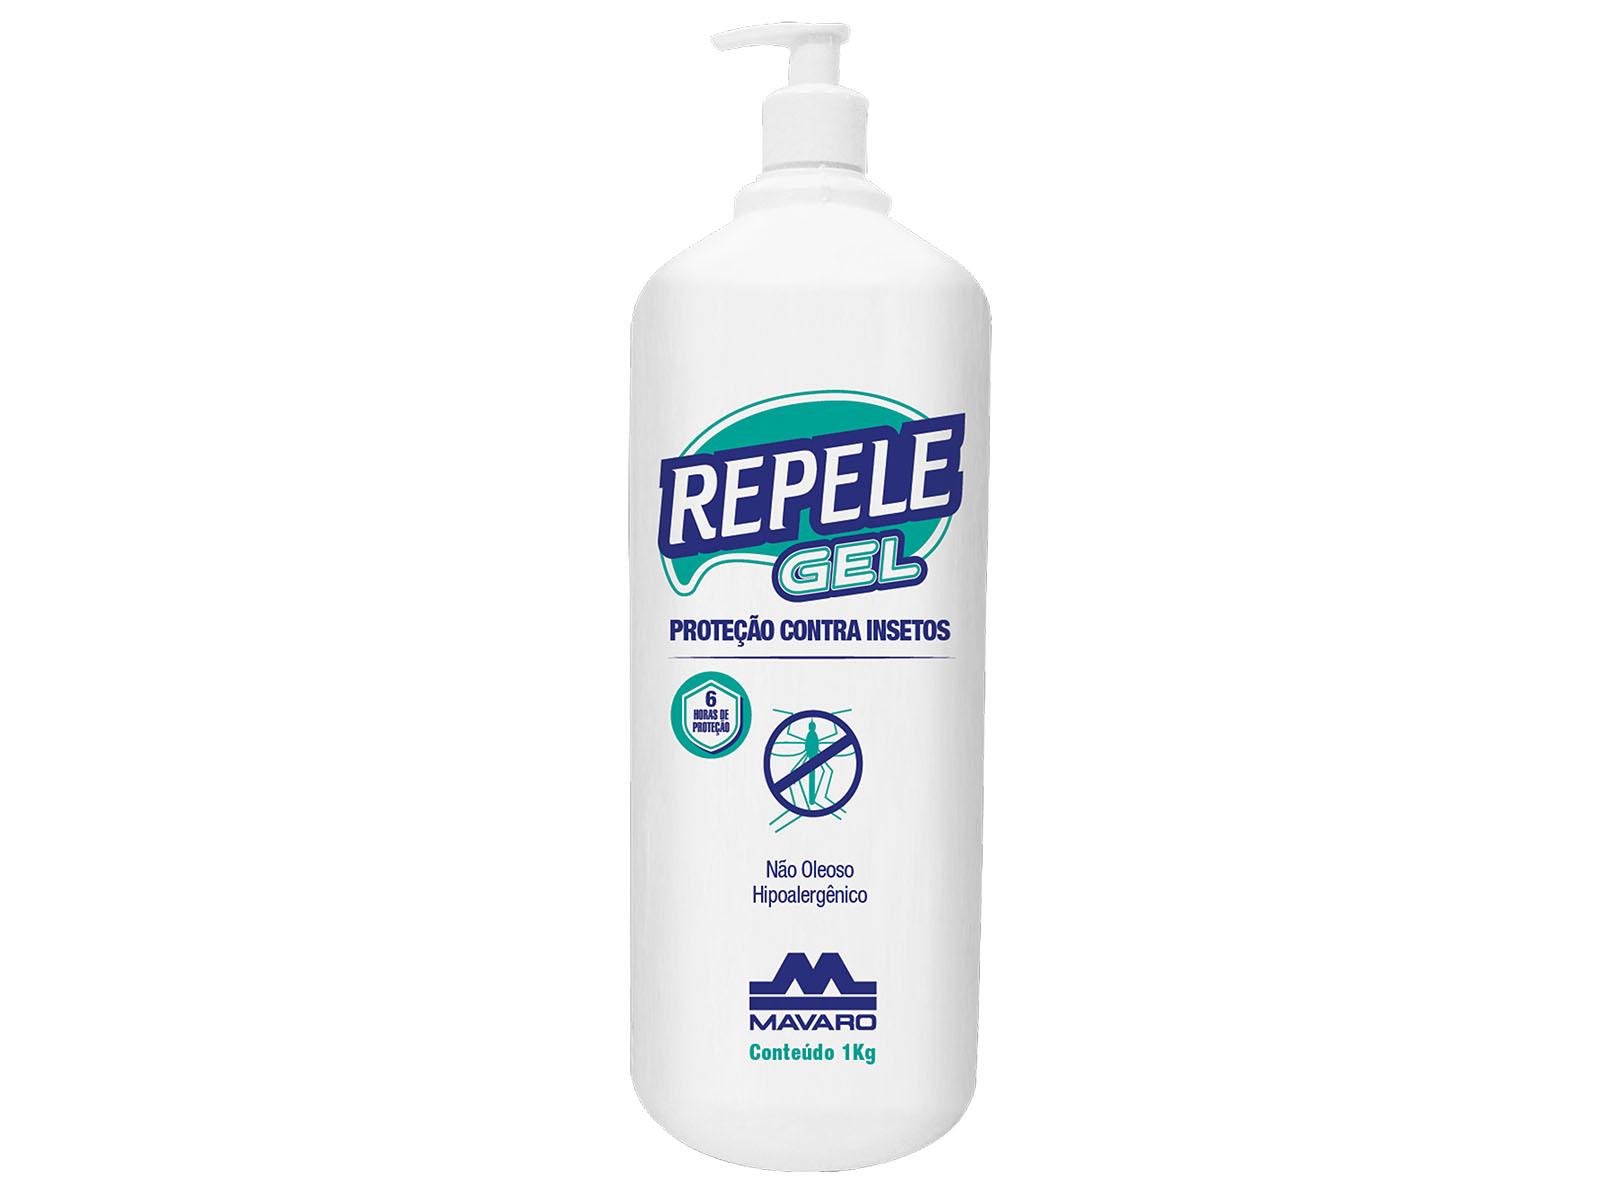 Repelente Profissional de insetos em gel formulado e desenvolvido com o princípio ativo IR3535®, forma segura e eficaz na prevenção contra picadas de insetos.